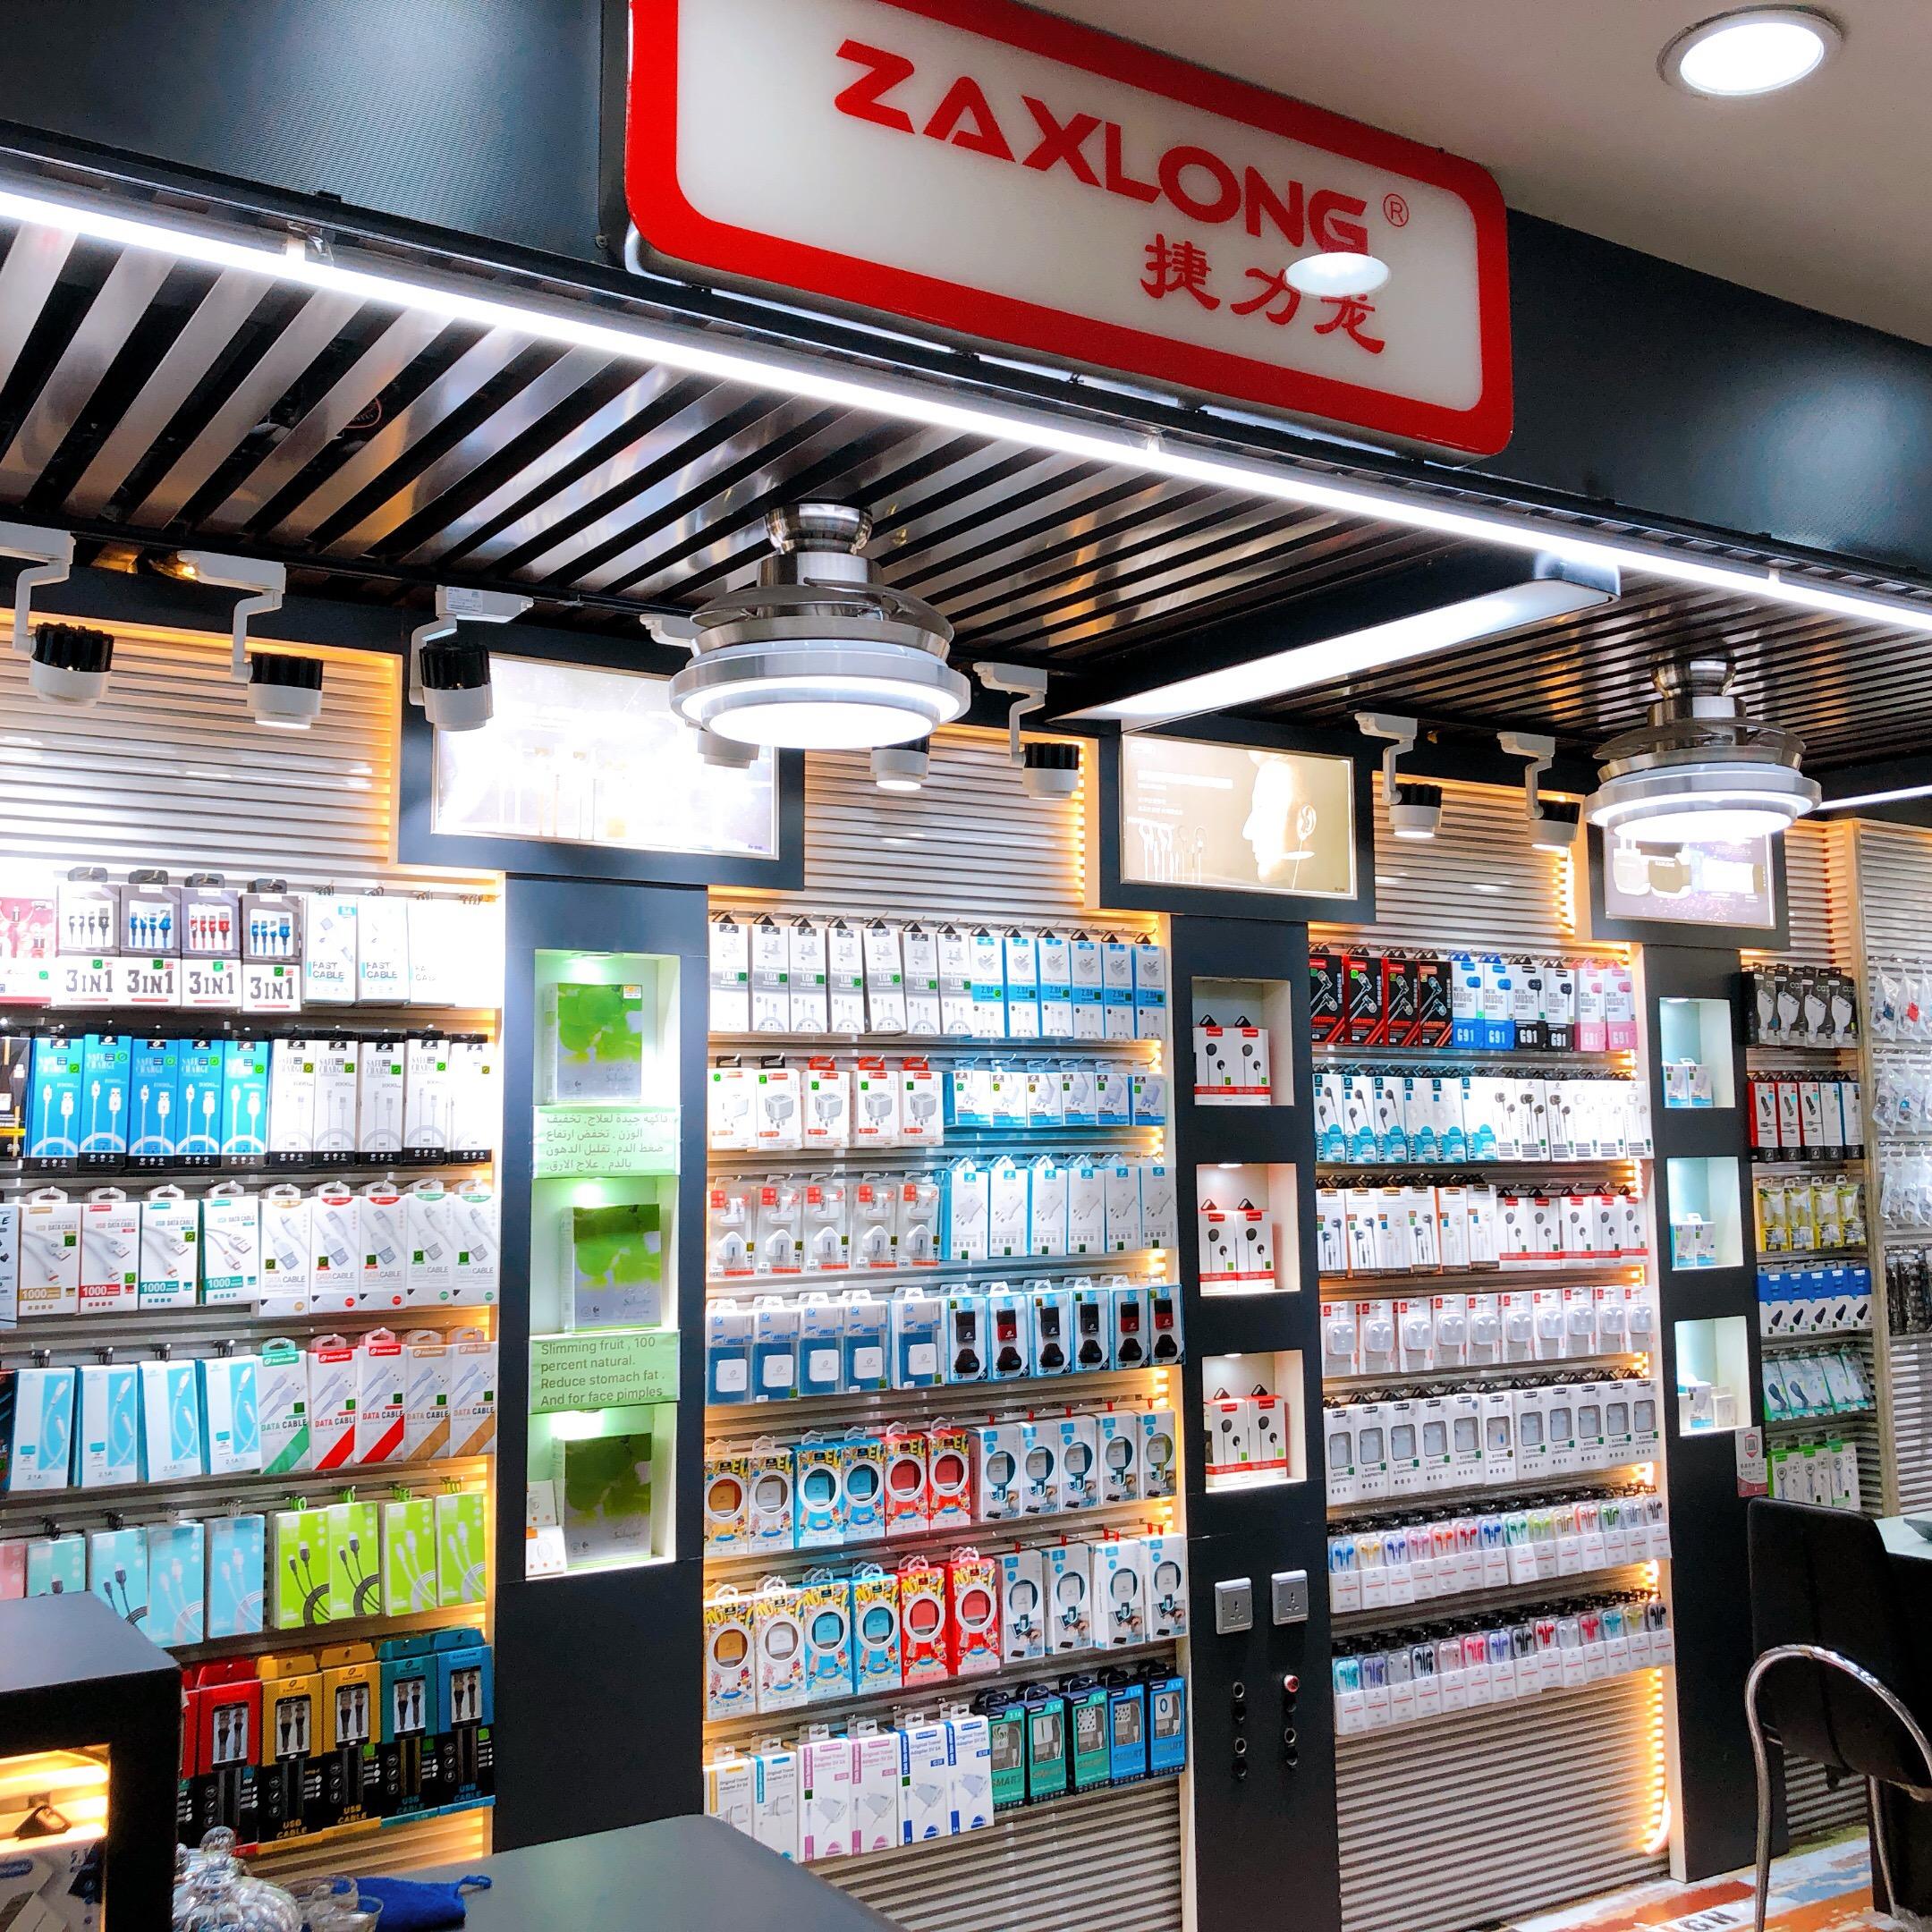 Guangzhou Jielilong Electronic Co.,Ltd